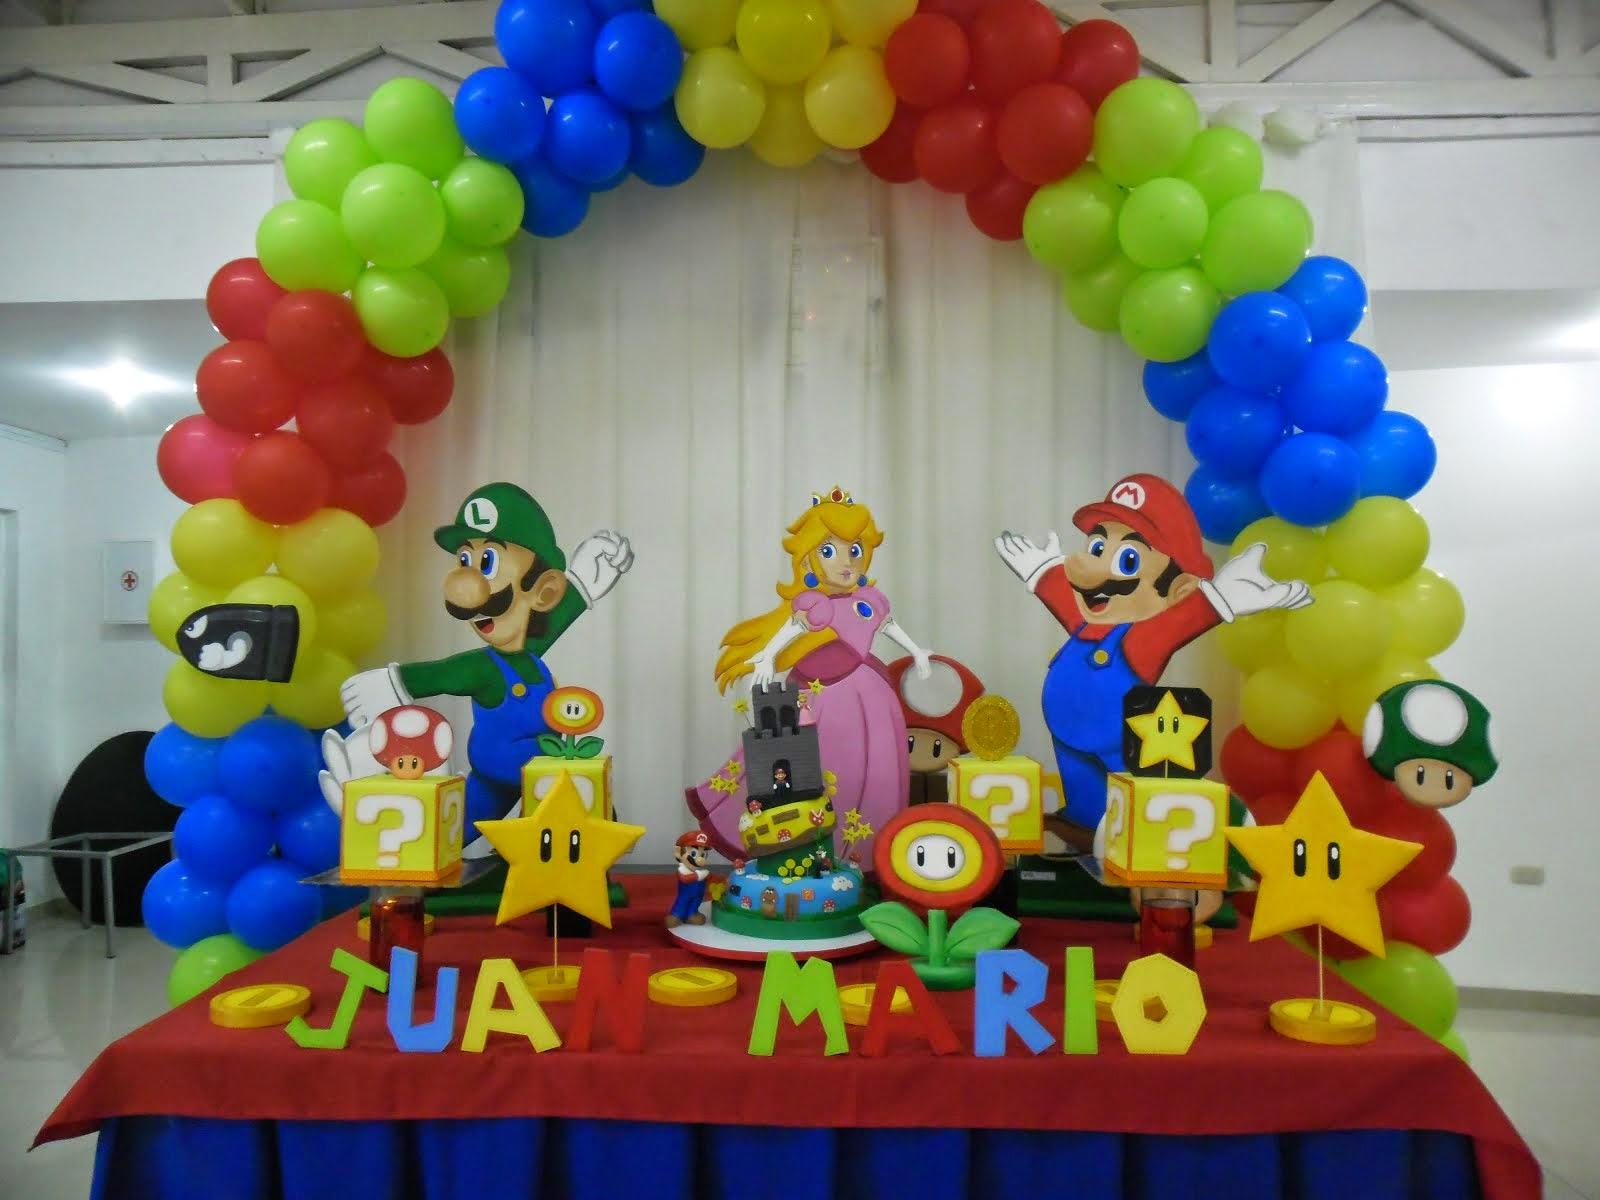 Payasita Caramelo Decoracion Mario Bros